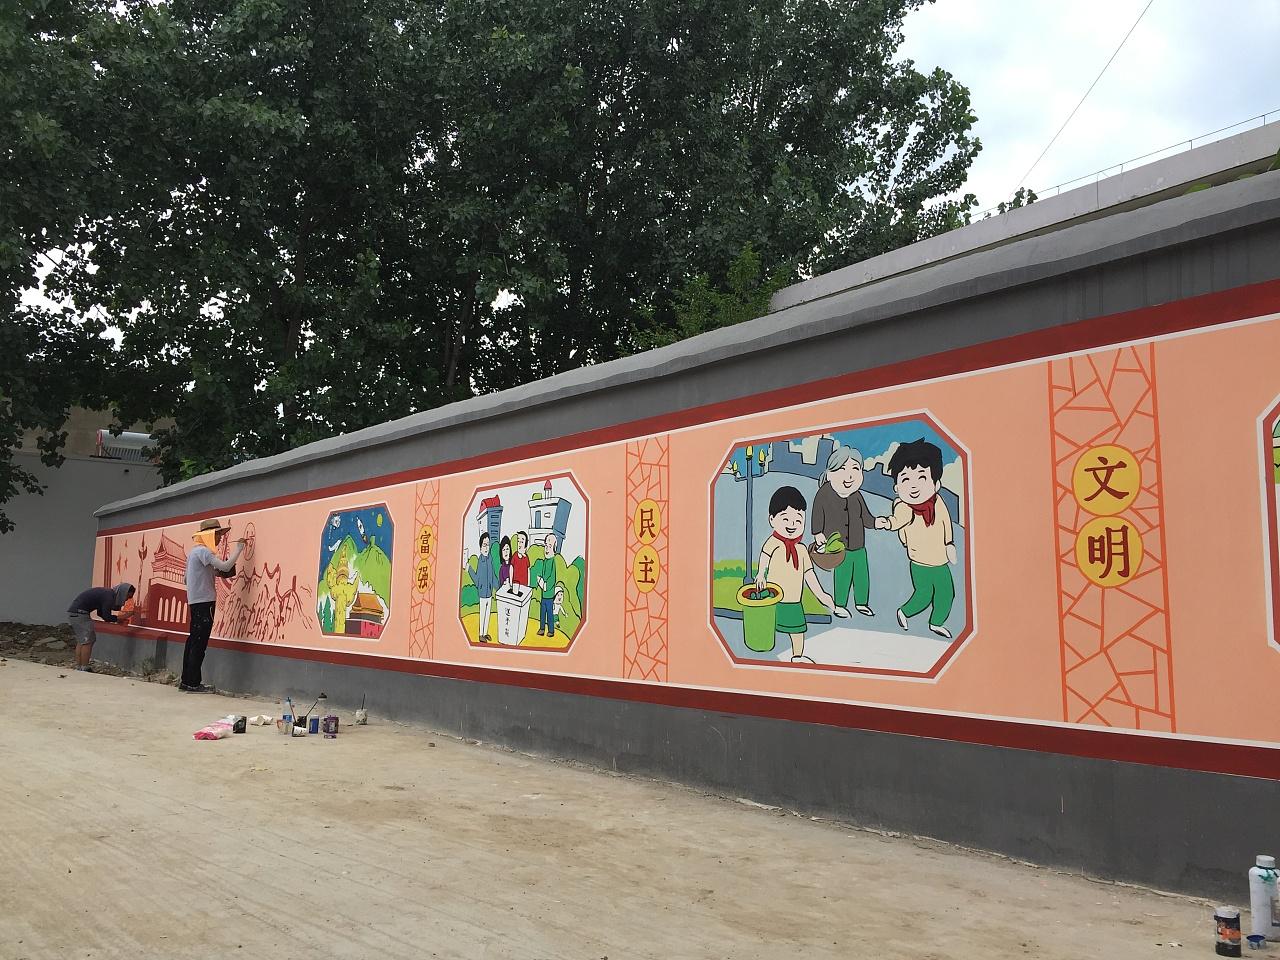 蚌埠文化墙 蚌埠新农村墙绘 蚌埠彩绘 蚌埠手绘